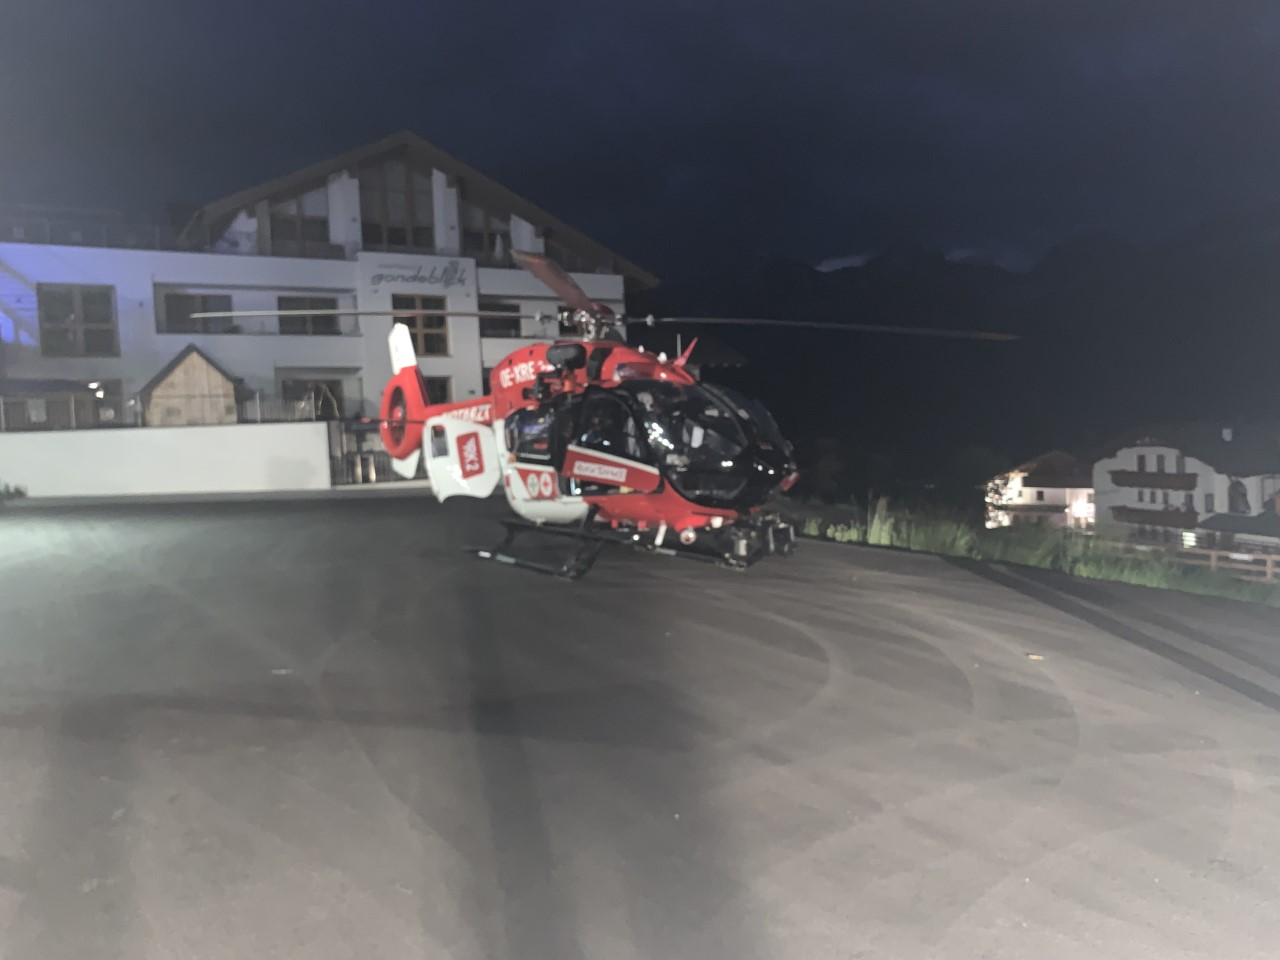 Hubschrauber am Landeplatz